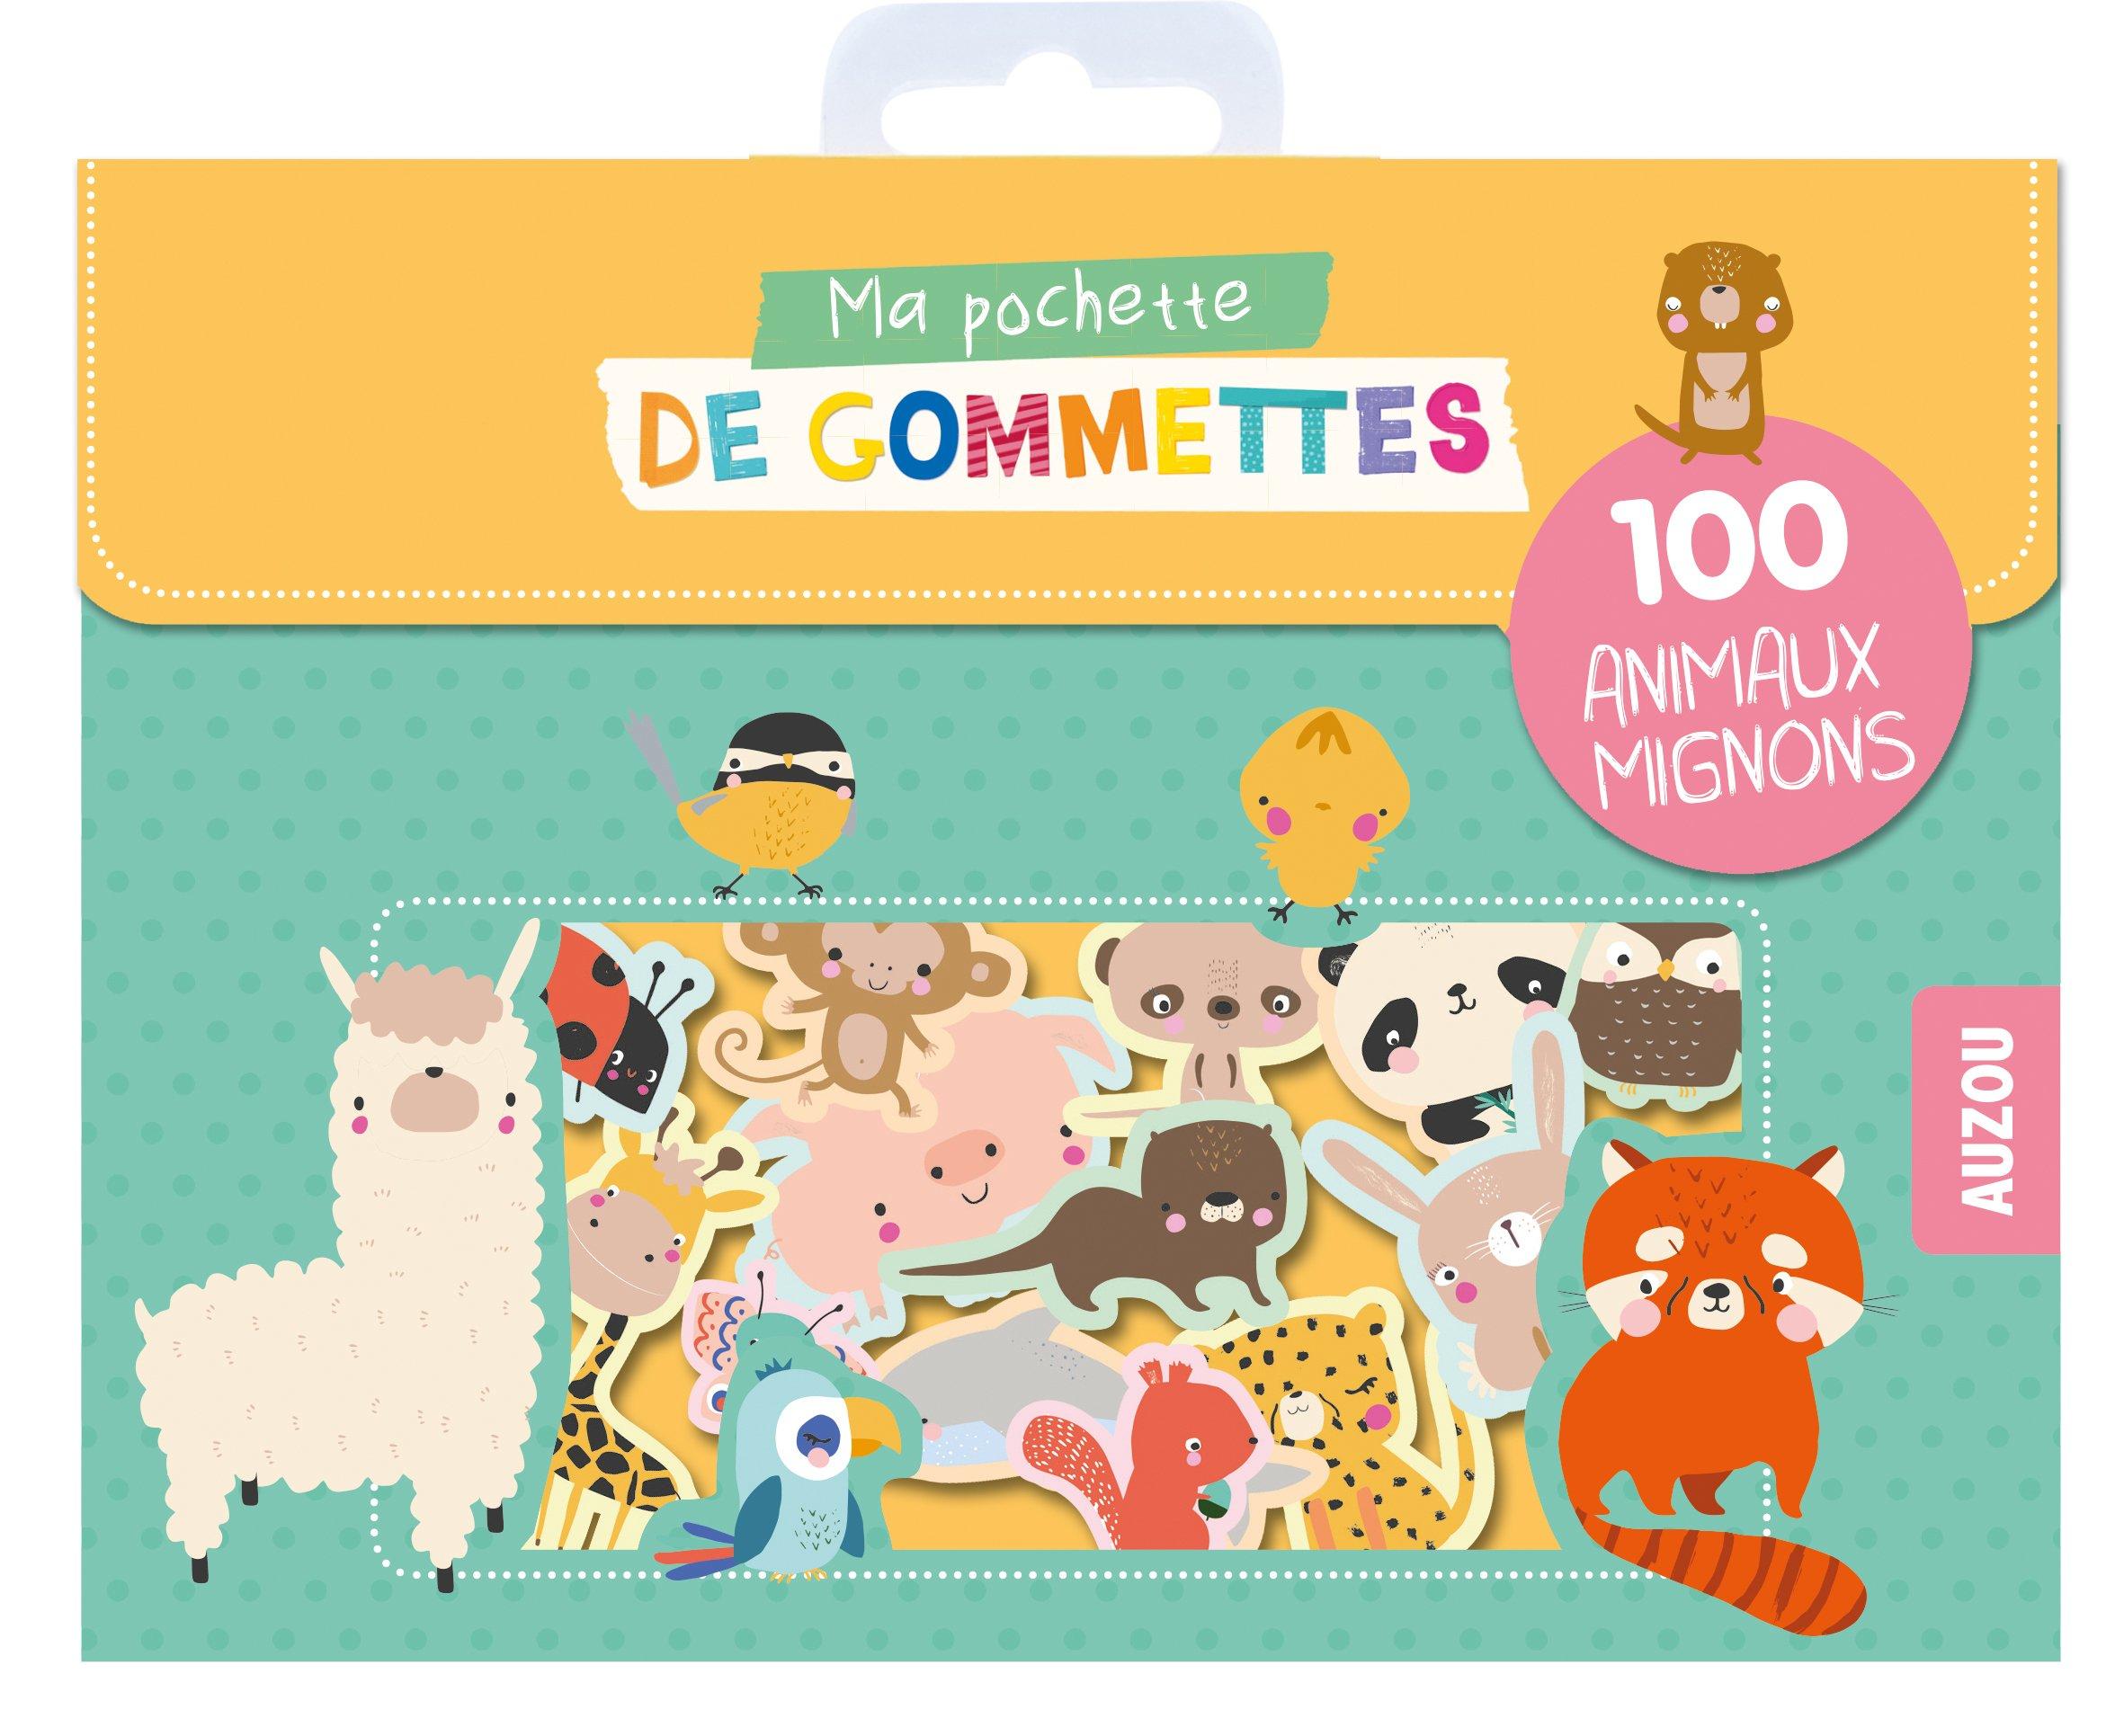 Ma pochette de gommettes - 100 animaux mignons Relié – 14 juin 2018 Lucia Wilkinson PHILIPPE AUZOU 2733859250 Jeunesse